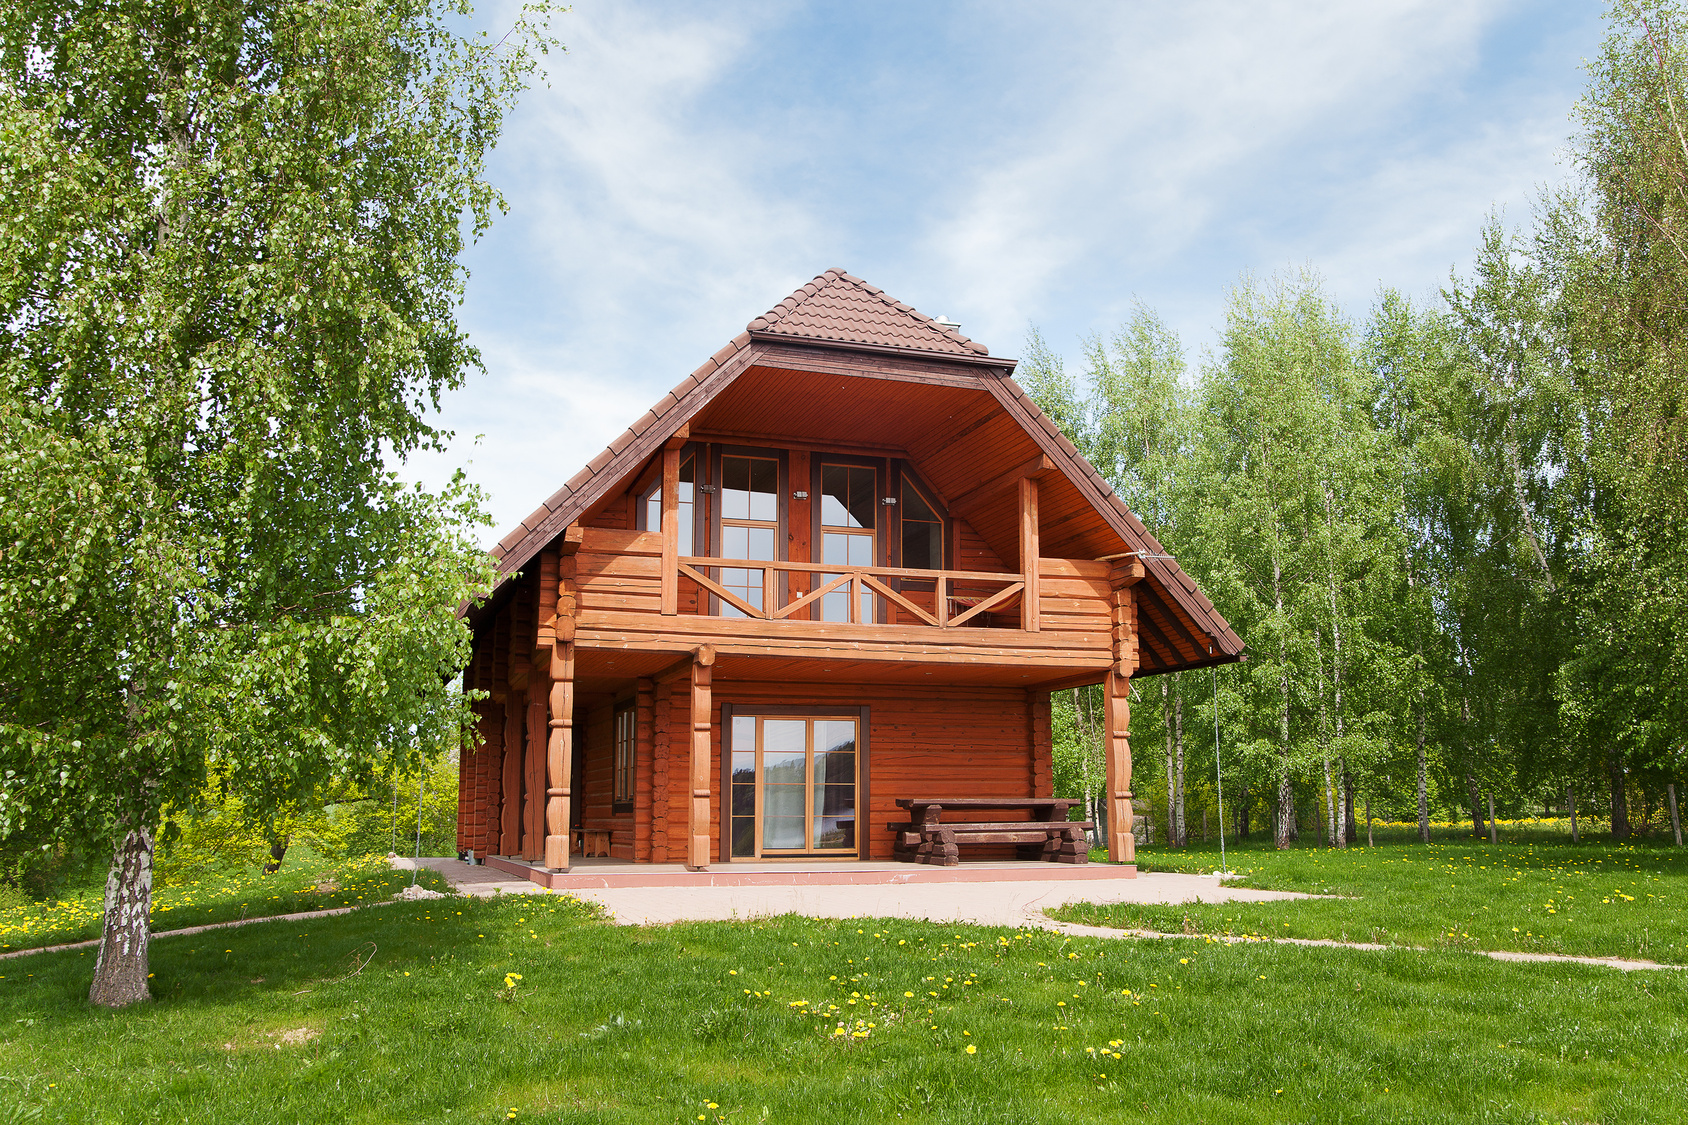 Adquiere casas de madera en madrid - Tocar madera casas ...